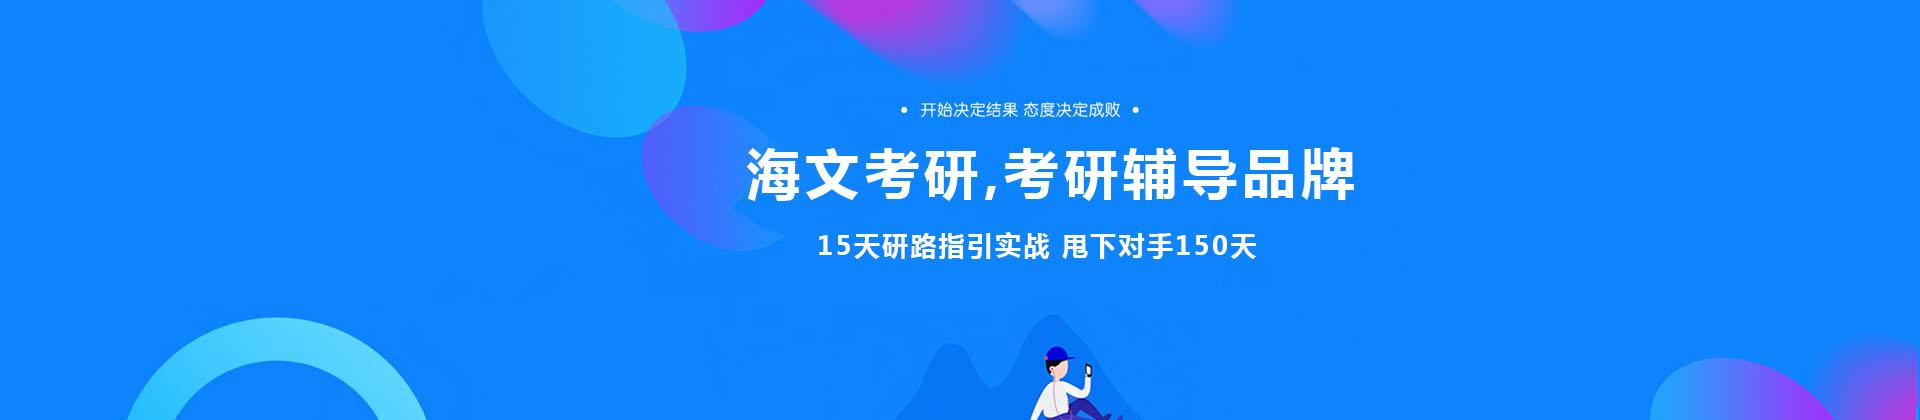 重慶海文考研培訓學校專注考研輔導、考研培訓的成都考研輔導機構